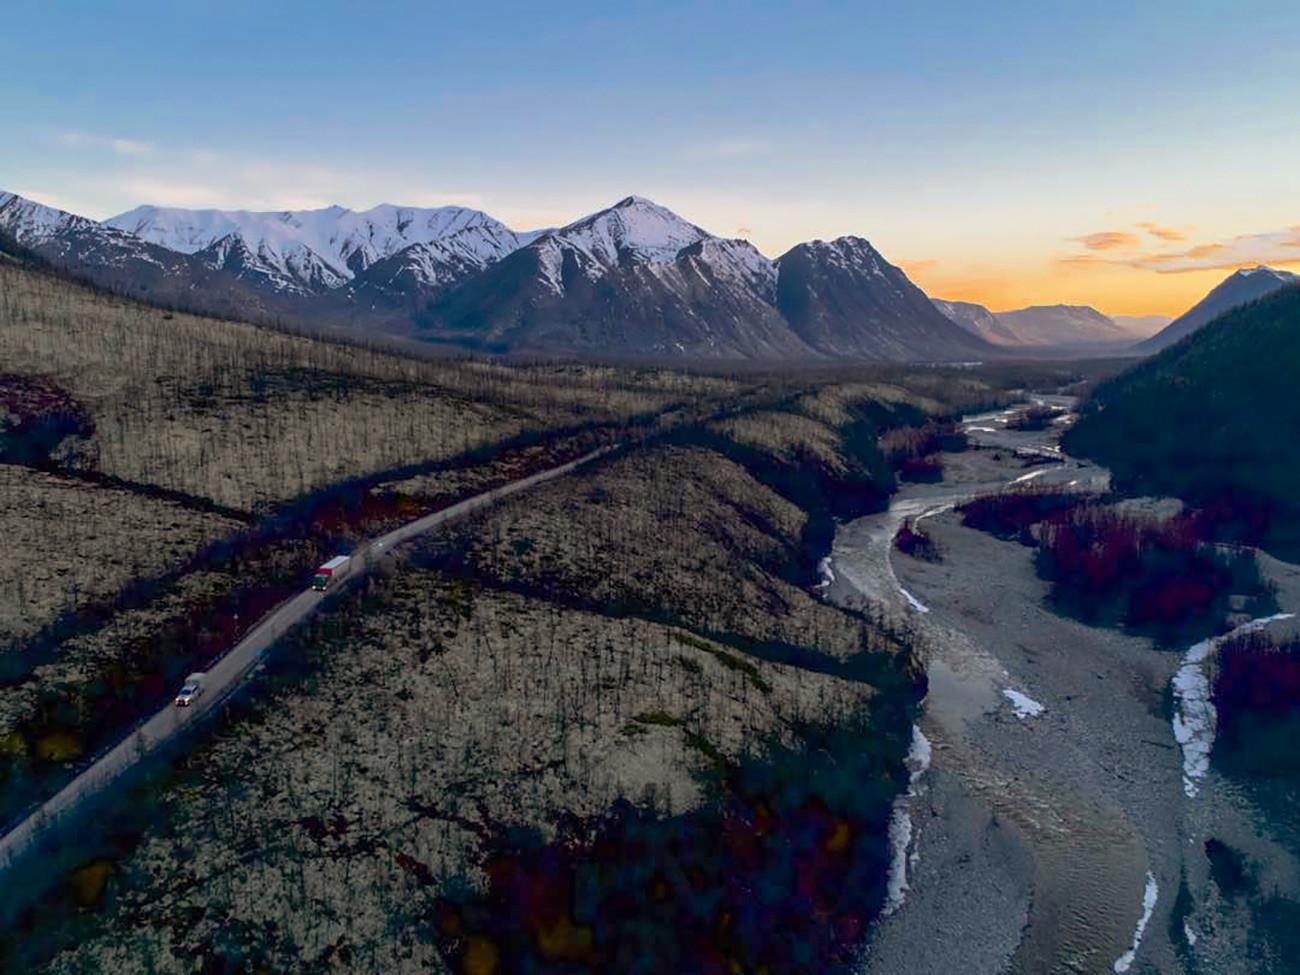 Воссоздание экосистемы «мамонтовых степей» может помочь остановить глобальное потепление.